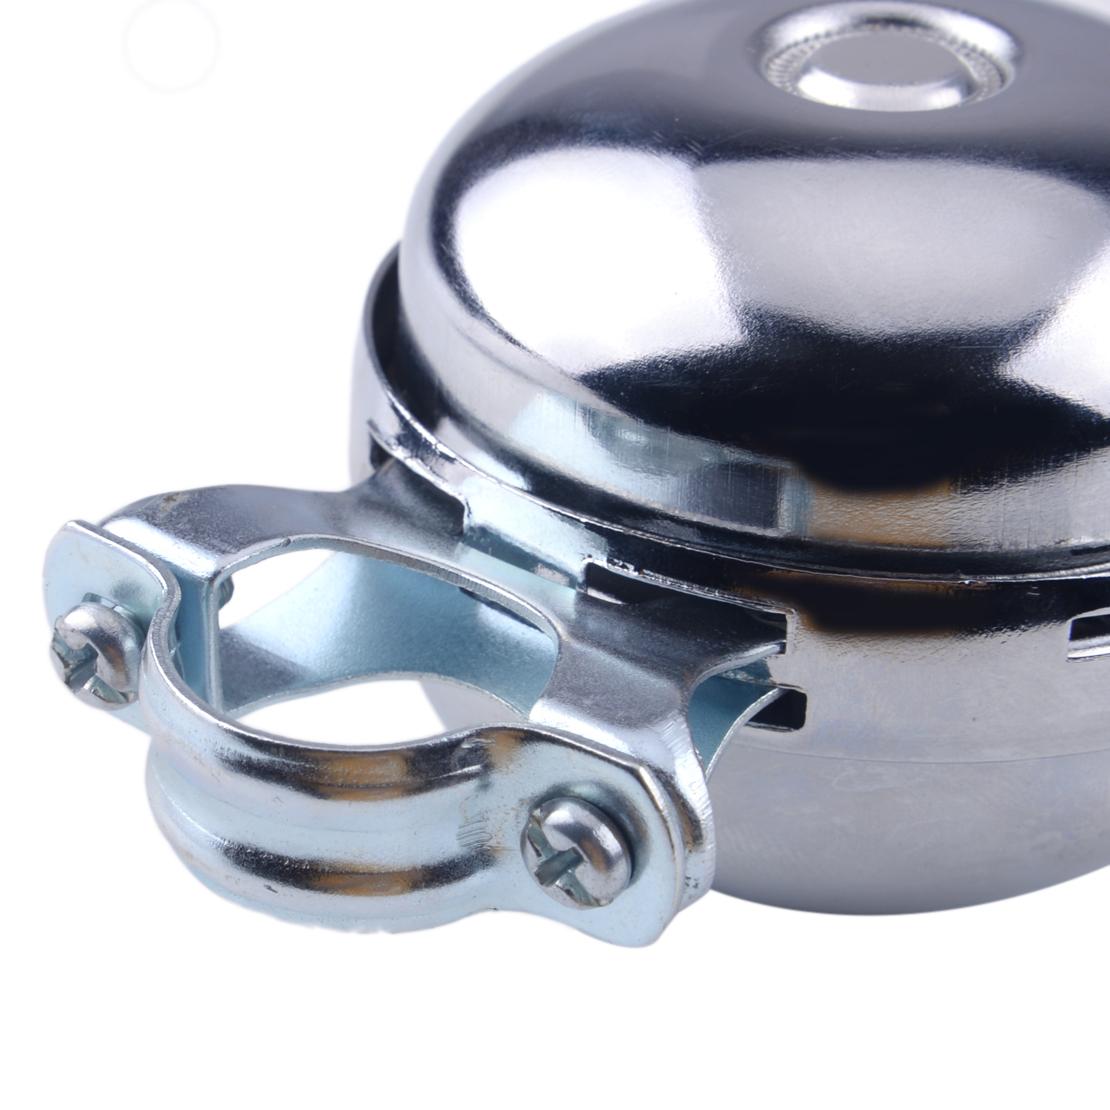 Vintage Retro Fahrradklingel Fahrradglocke Silber Chrom Glocke Ding Dong Bell